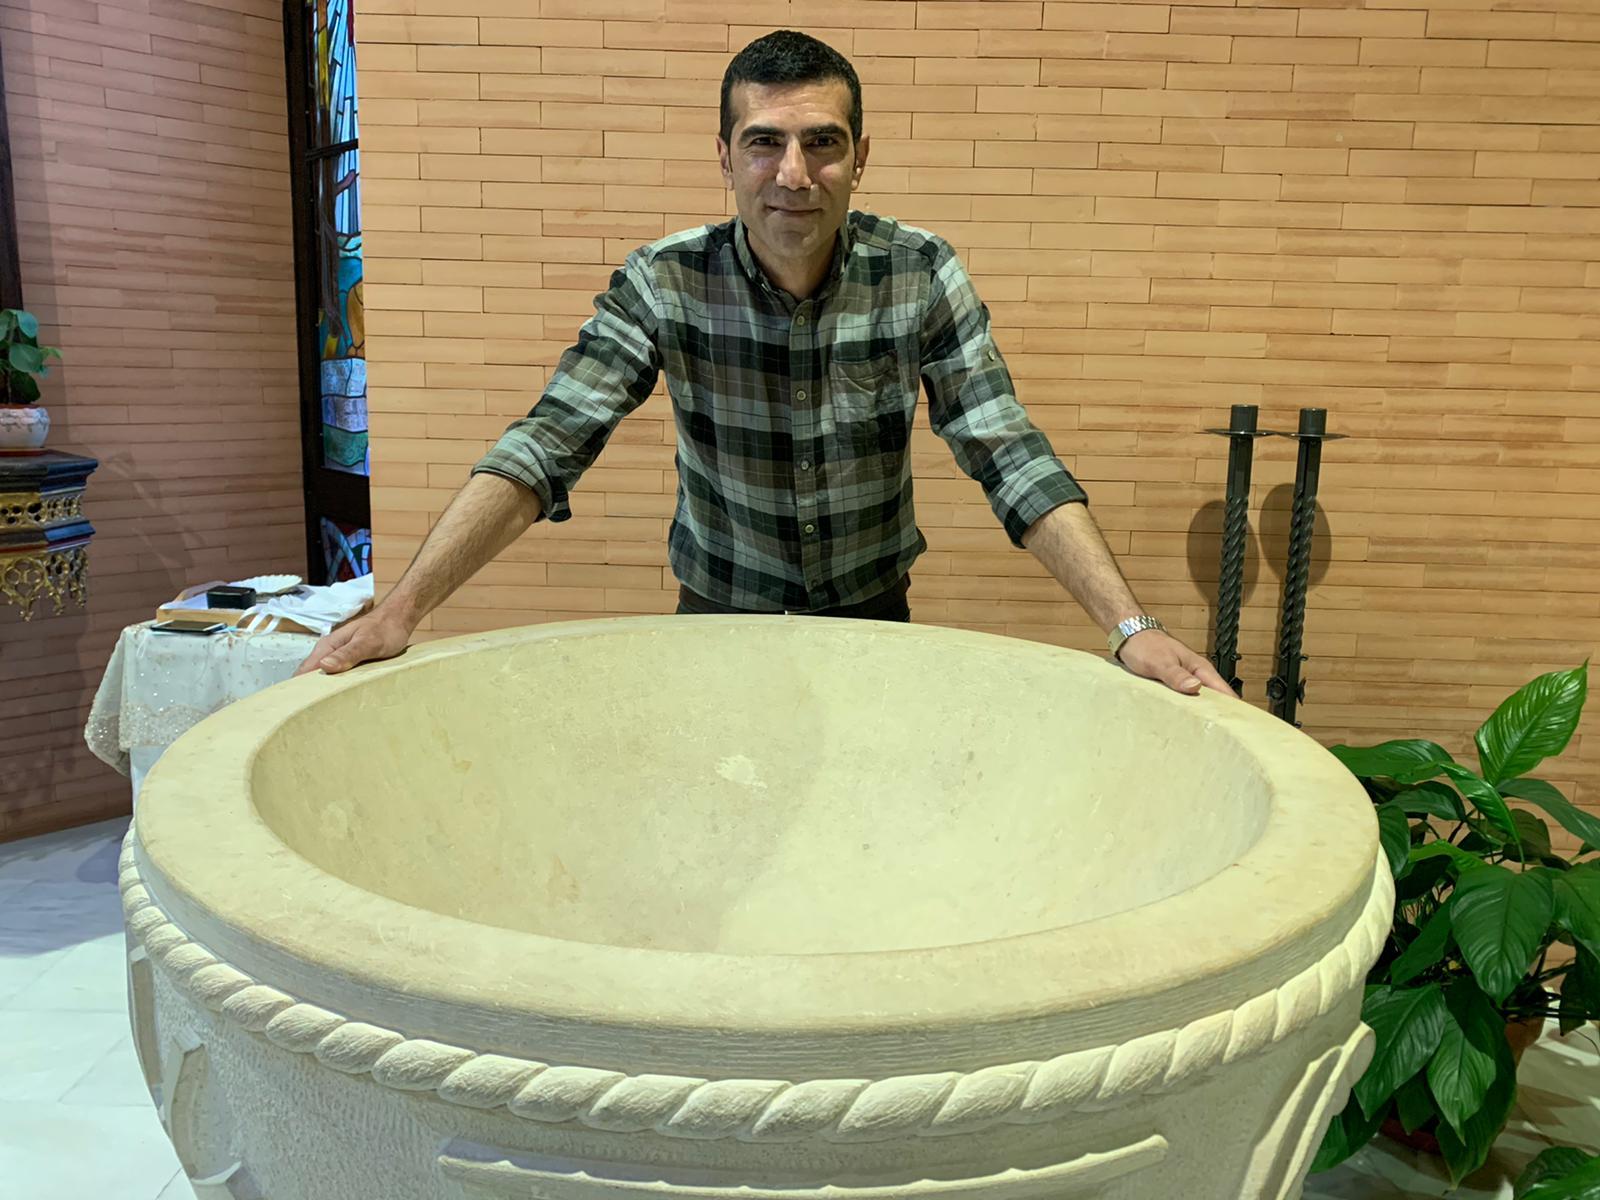 Seyed Mohammad Mahdi cristiano